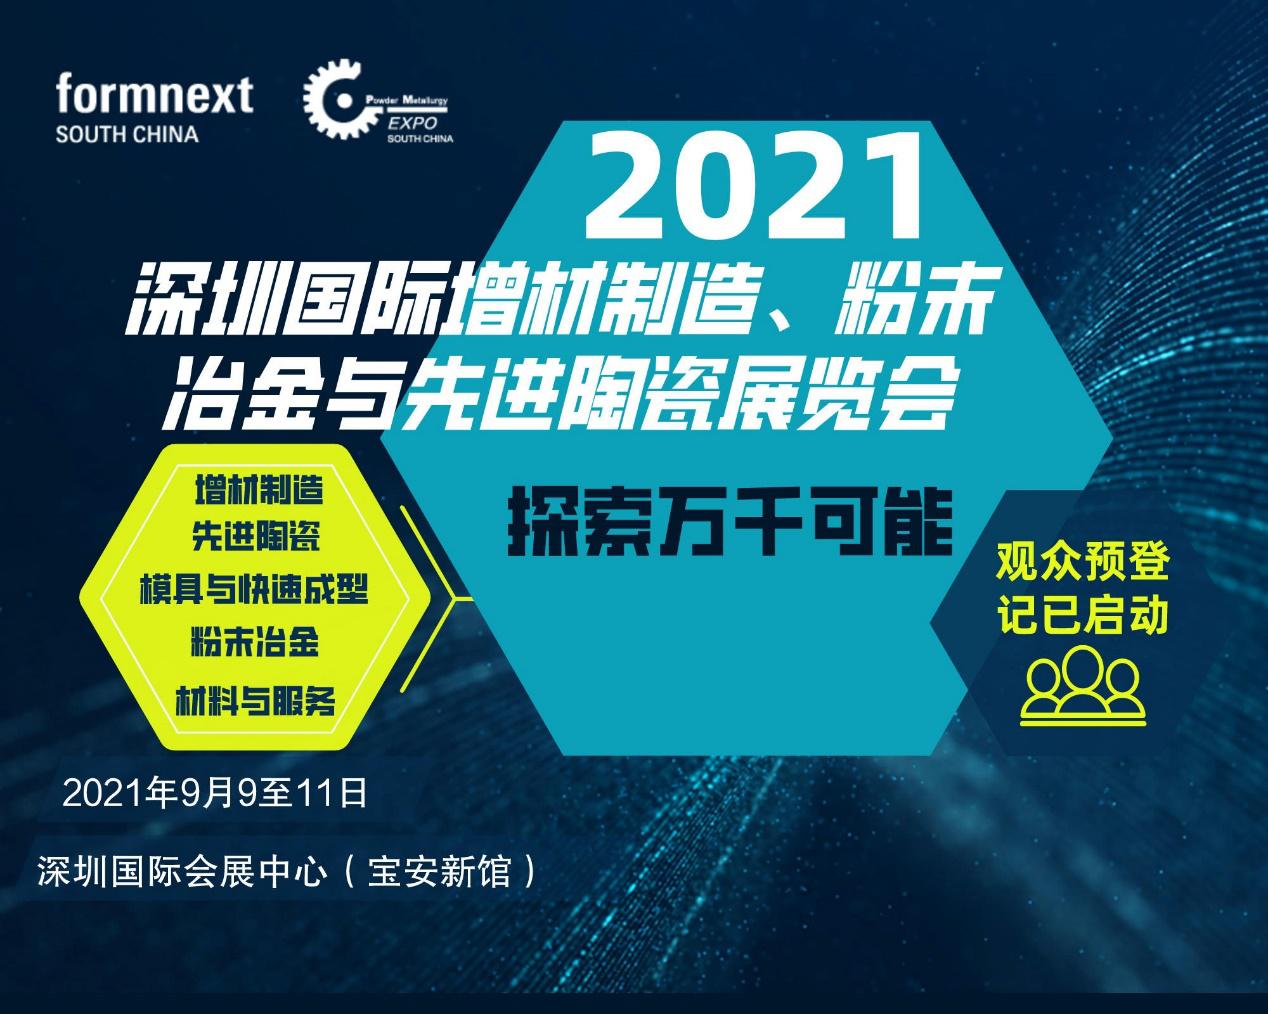 共筑增材制造(3D打印)新前景,Formnext   PM South China 2021与你9月相聚深圳